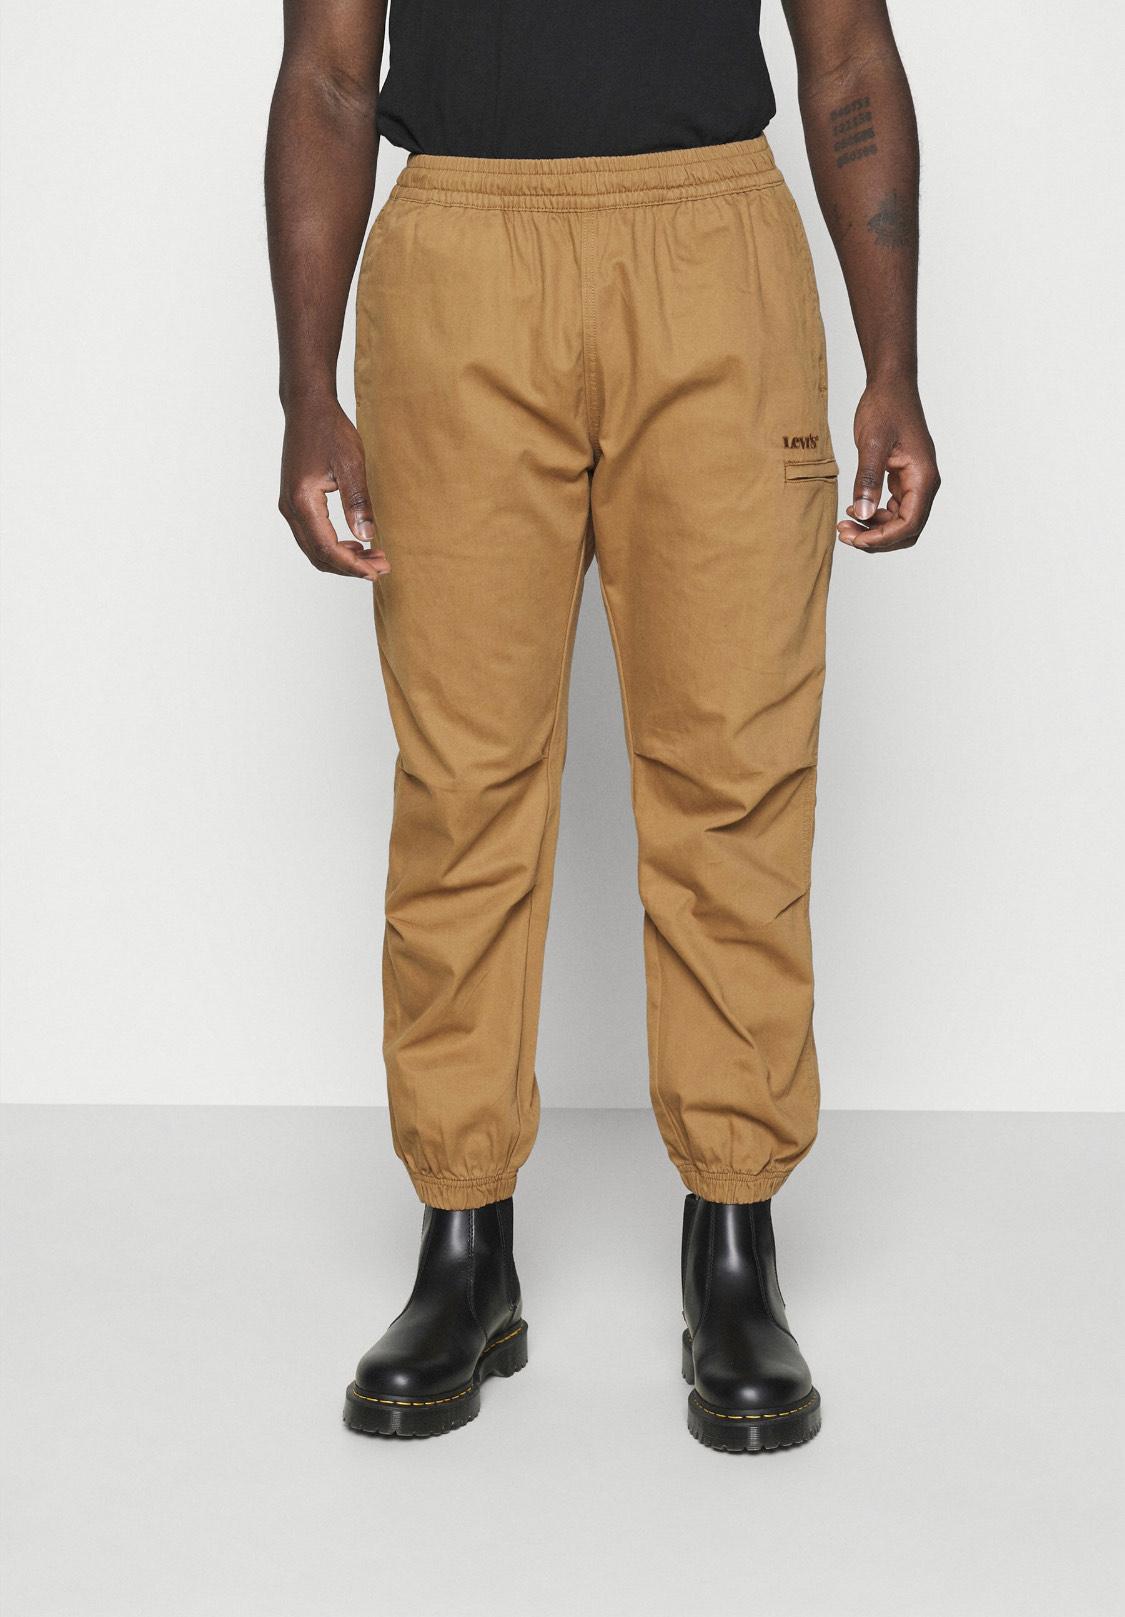 Pantalón Jogger Levi's Marine | Tallas S a XL